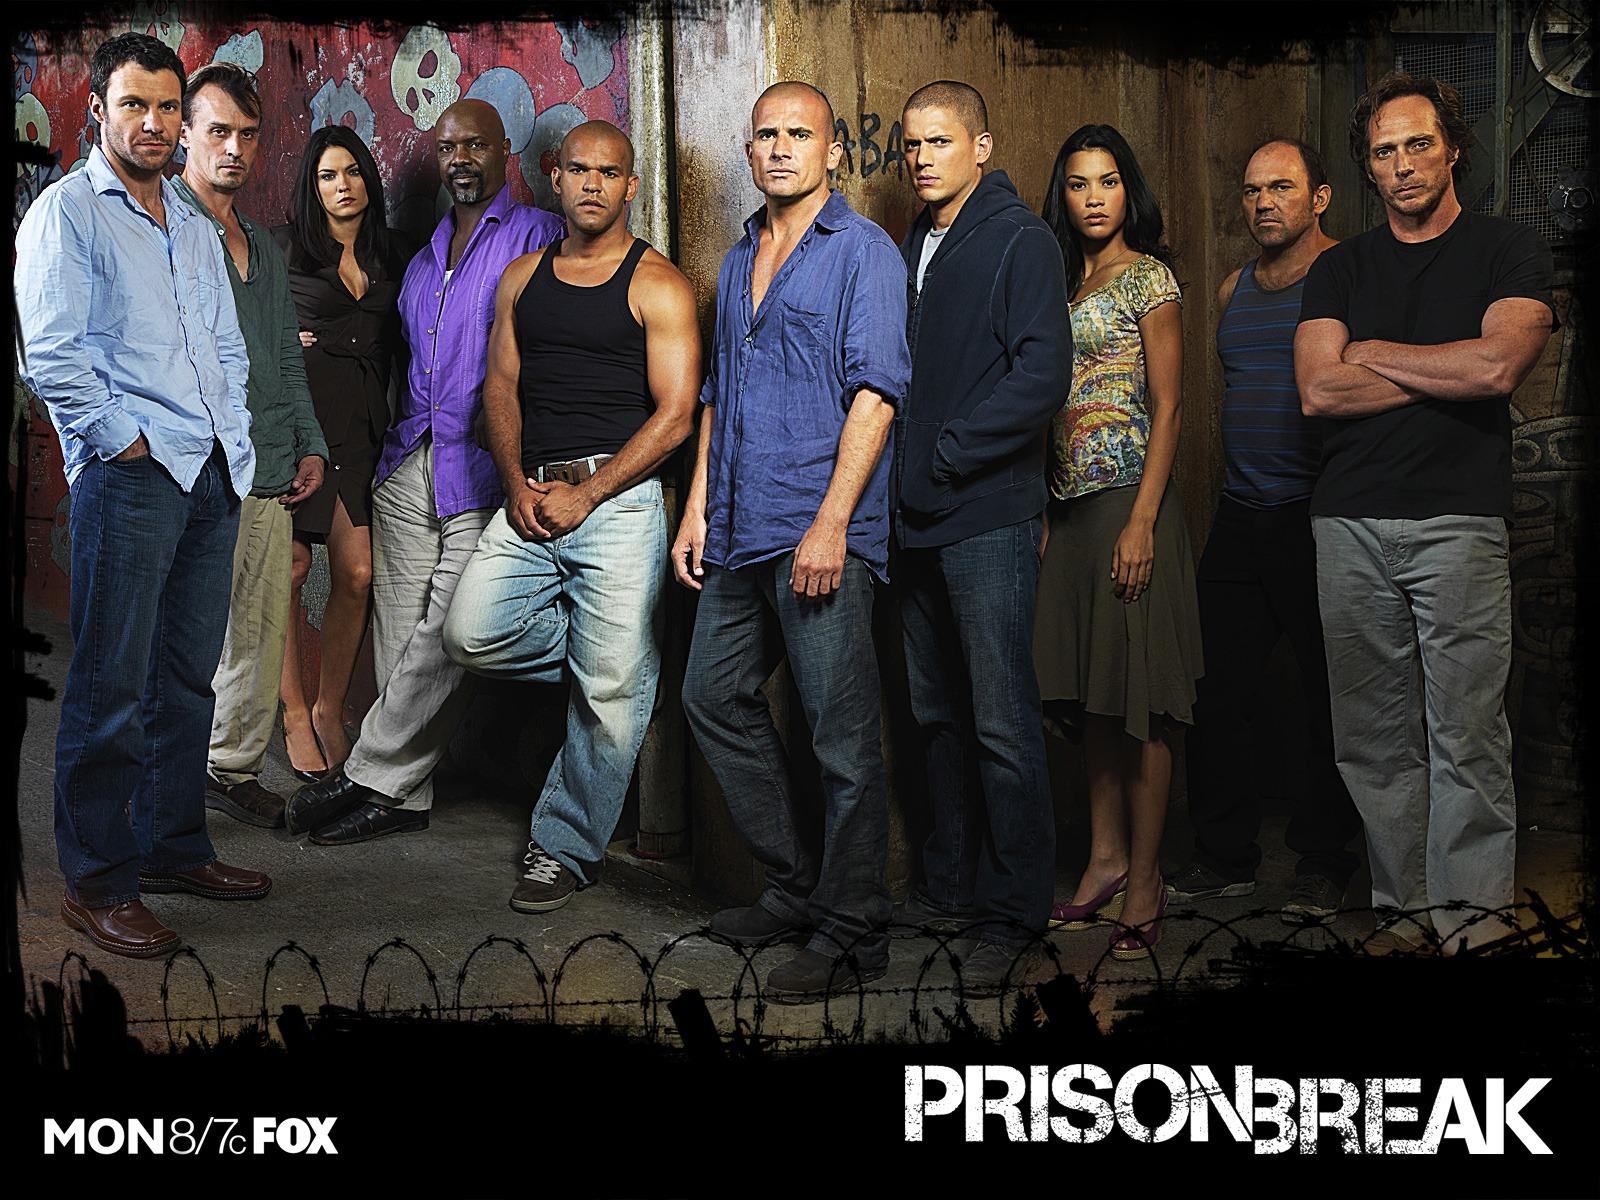 Побег из тюрьмы 1 сезон скачать через торрент.